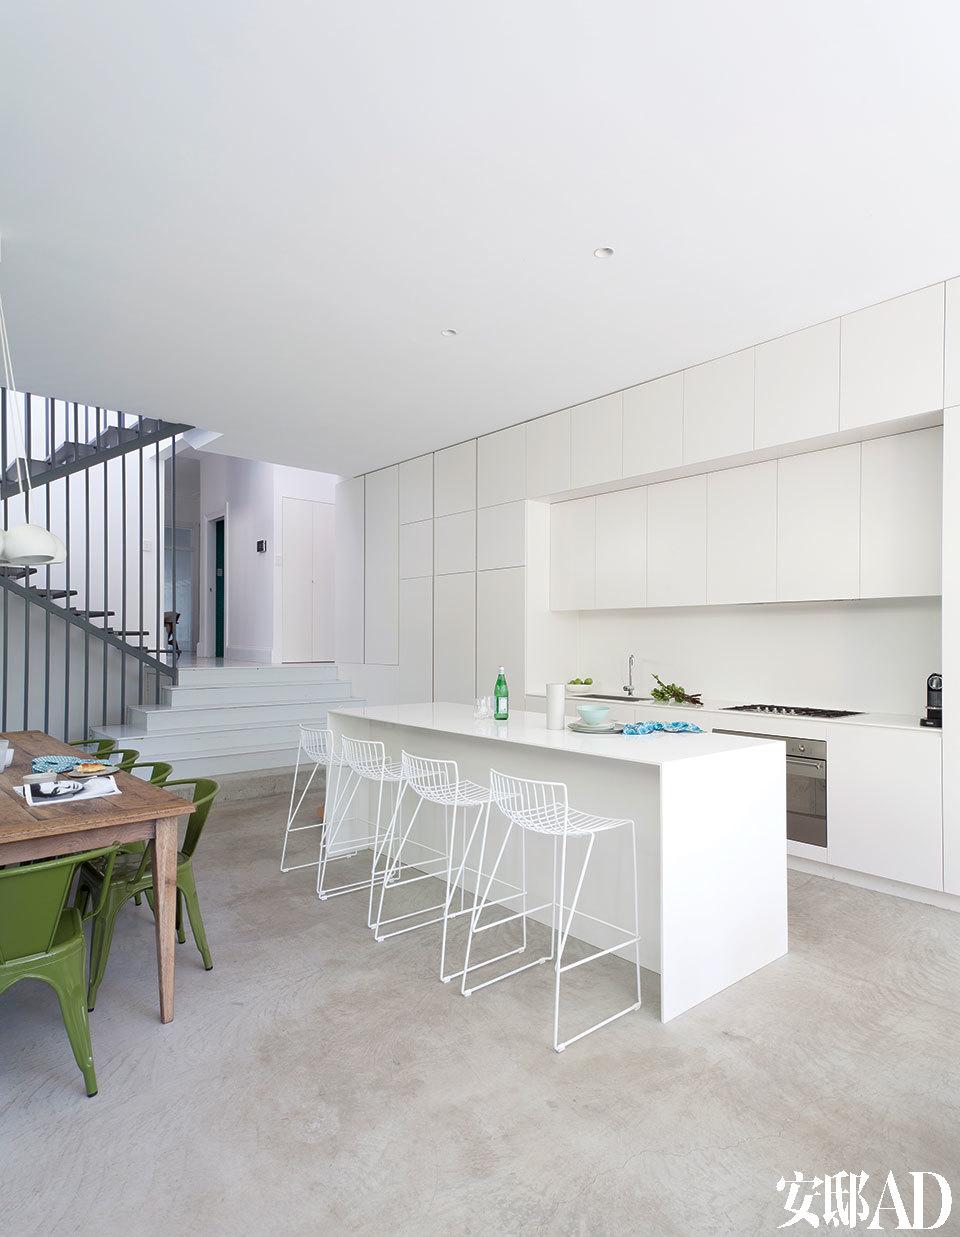 厨房的线条十分简洁明了,橱柜空间充足,一切厨房用品都有其收纳之处。厨房储物柜是在Jayden Innovations定制的,厨房操作台和中央岛台也来自Jayden Innovations,为亚光白色可丽耐材质。餐凳来自Spence & Lyda。